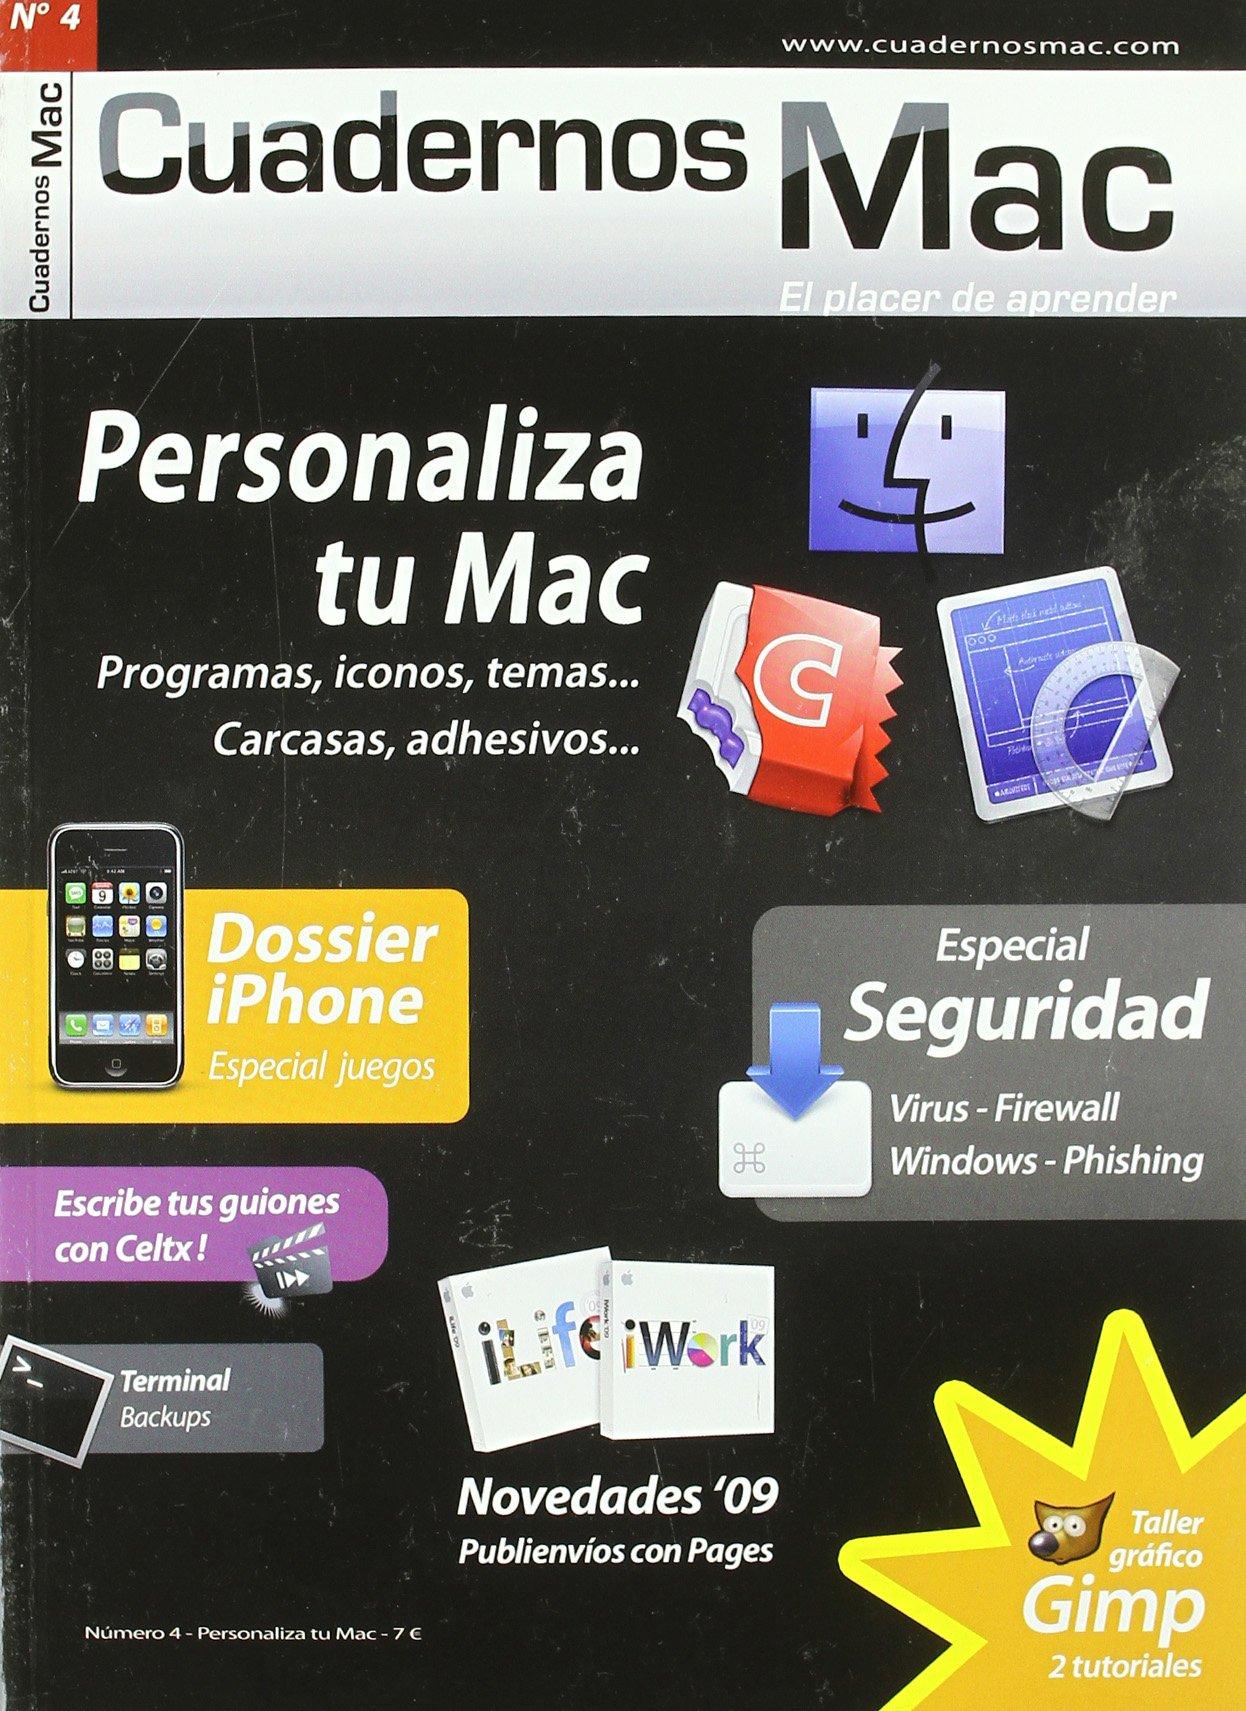 Cuadernos Mac n.º 4: personaliza tu Mac PC Cuadernos: Amazon.es: Mikkel, Frank: Libros